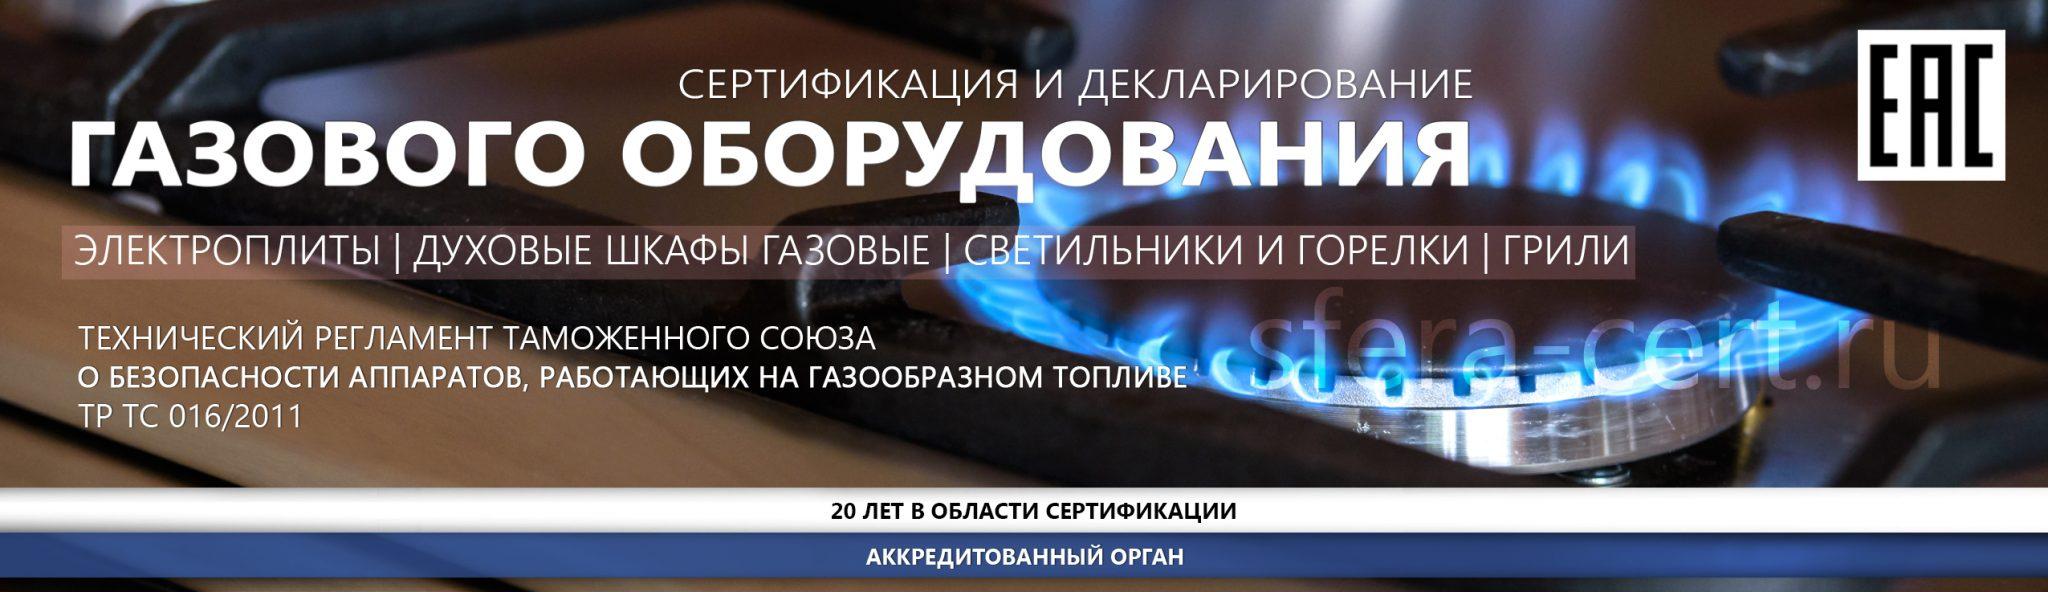 Сертификация газового оборудования баннер